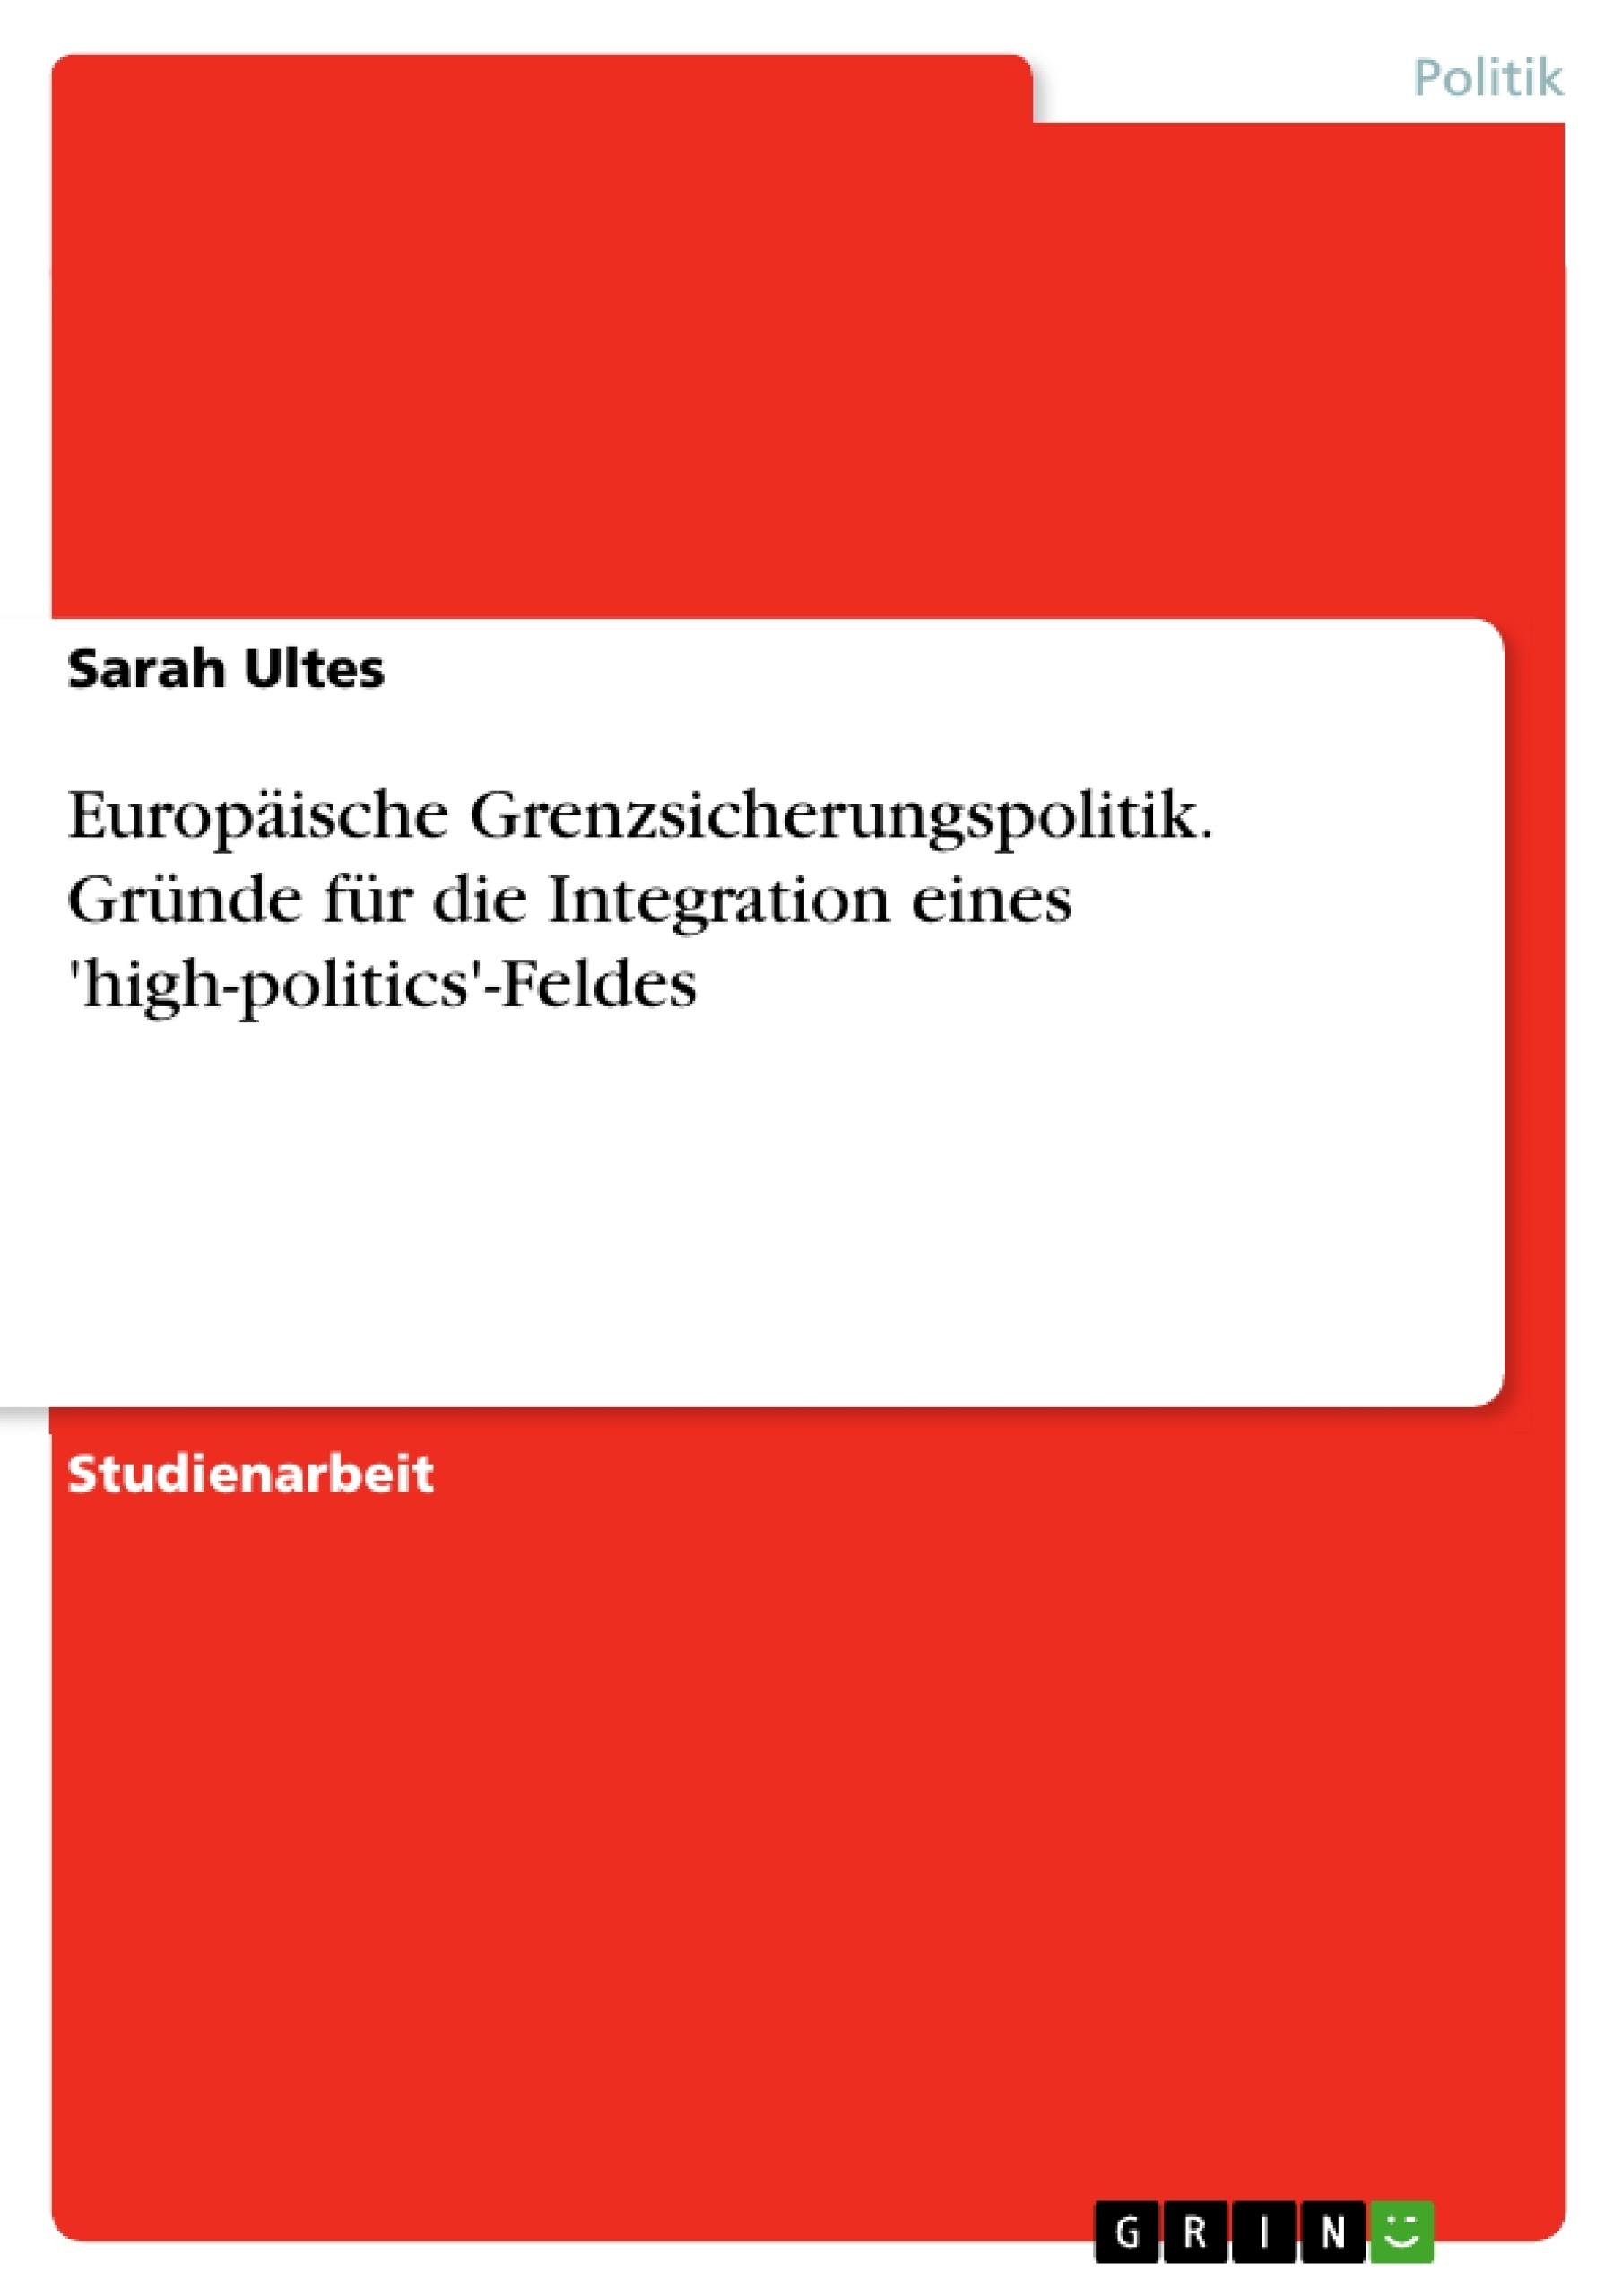 Titel: Europäische Grenzsicherungspolitik. Gründe für die Integration eines 'high-politics'-Feldes